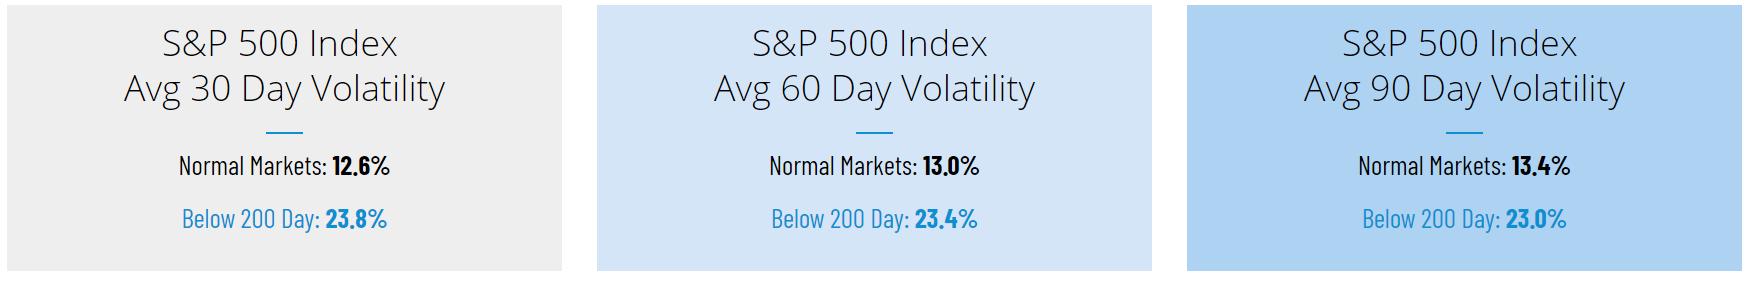 SP500 Index Volatility